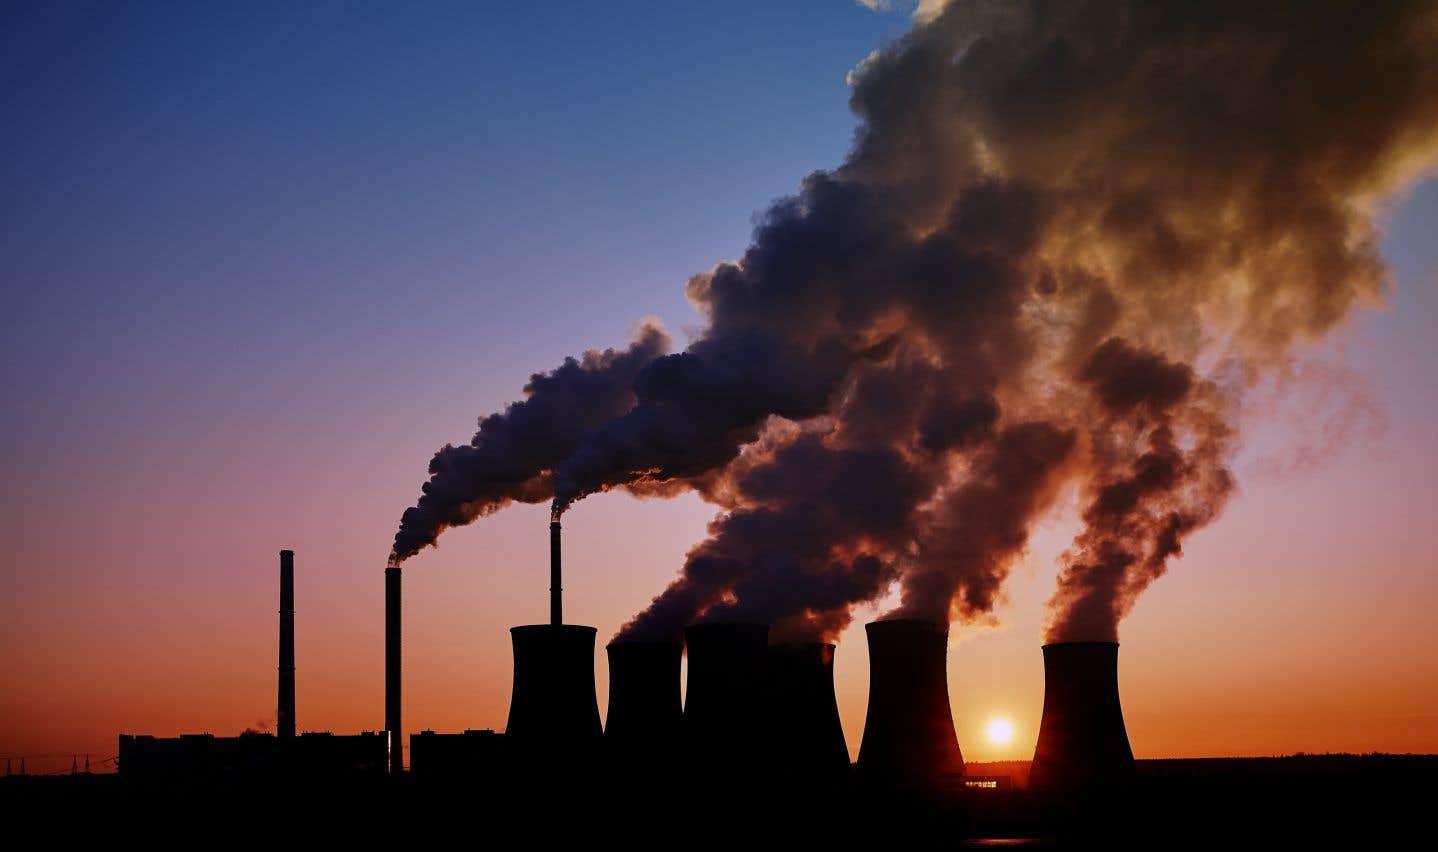 Les représentants du gouvernement fédéral évaluent les économies à environ 4,9milliards dans les 12 prochaines années en raison de la baisse de pollution atmosphérique.